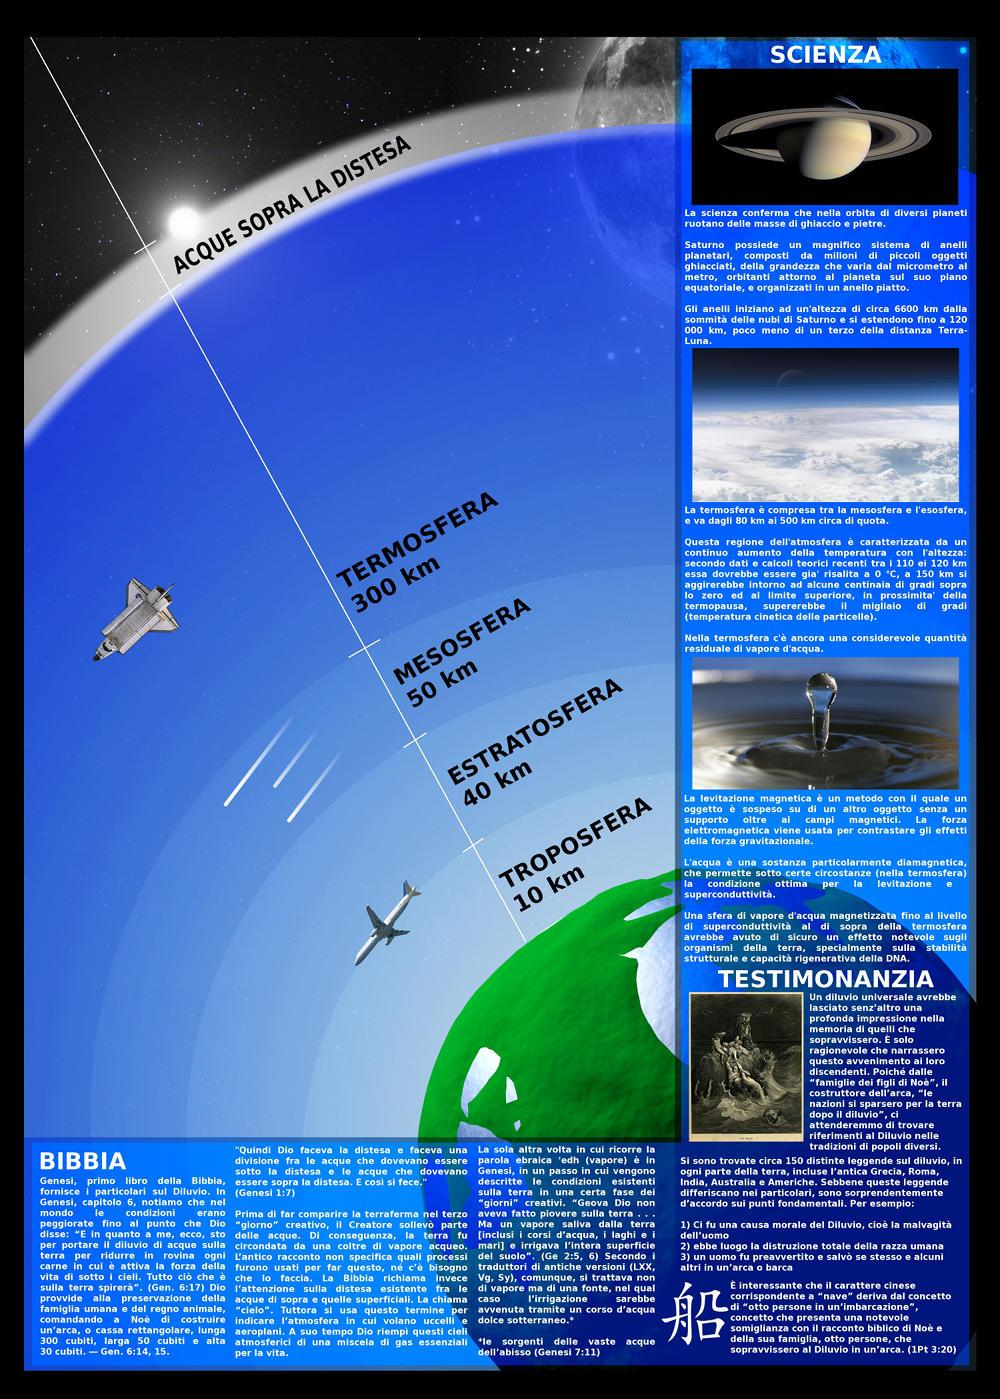 Diluvio universale poster testimoni di geova online forum